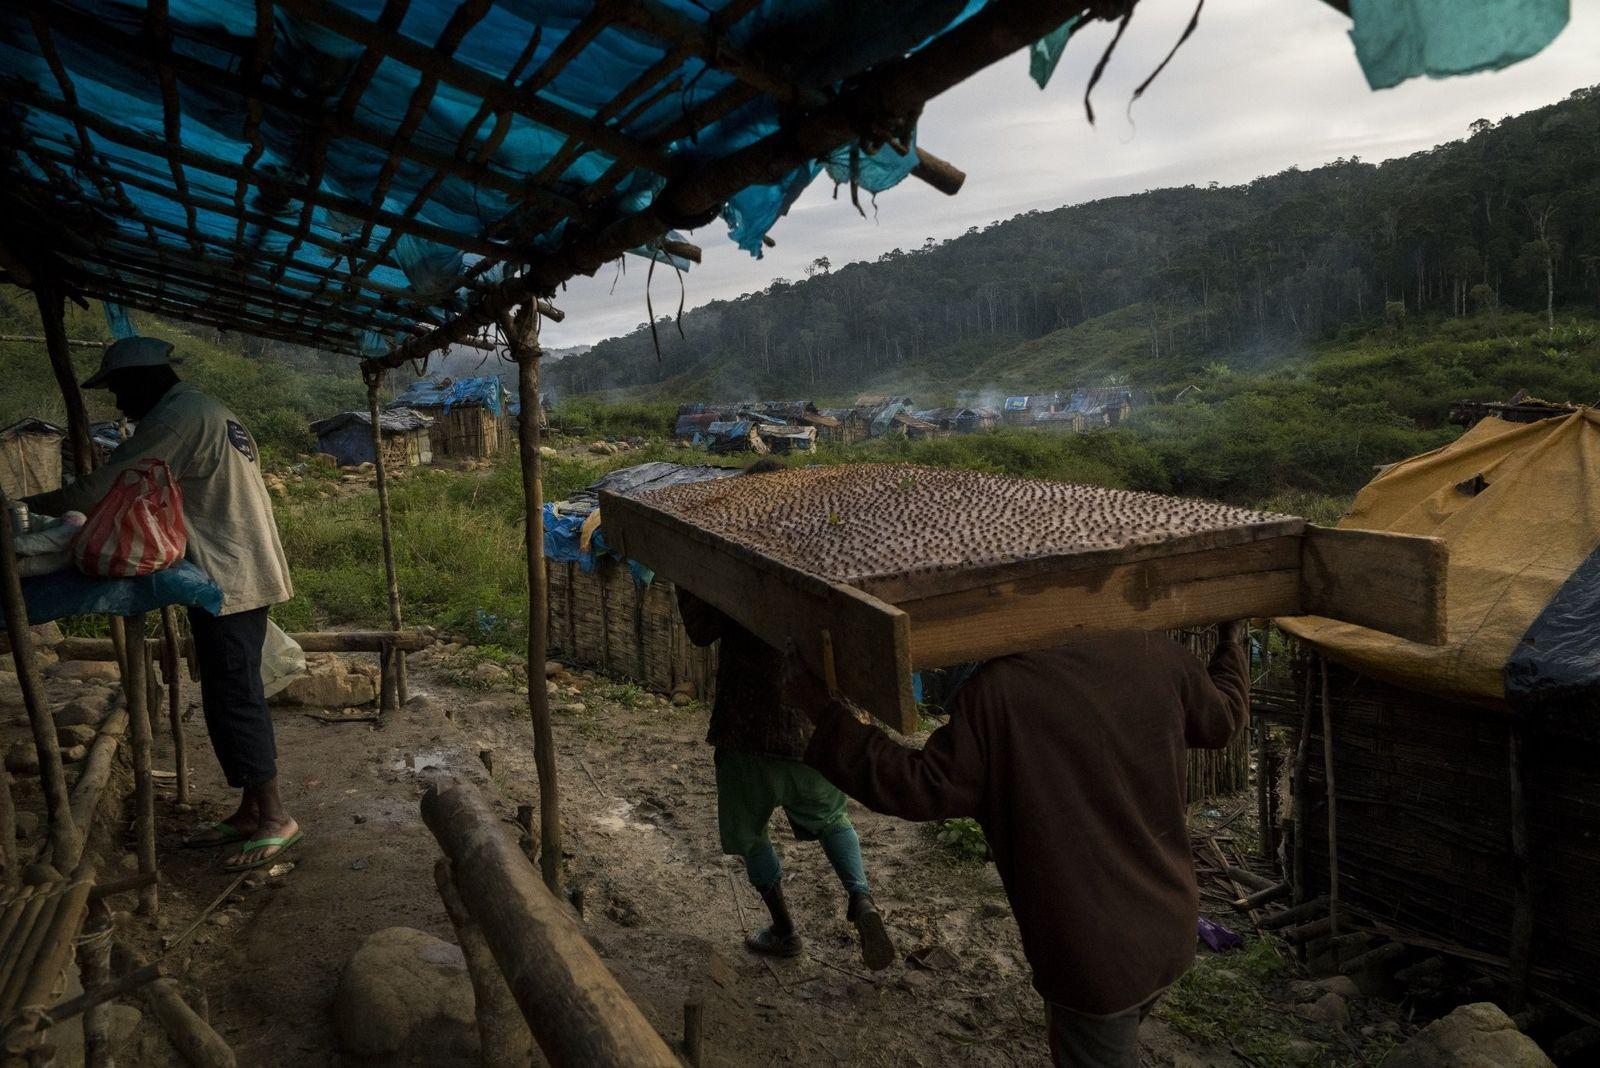 Dans le village de fortune d'Ambodipaiso, situé à quelques kilomètres de Tananarive, des hommes transportent un ...